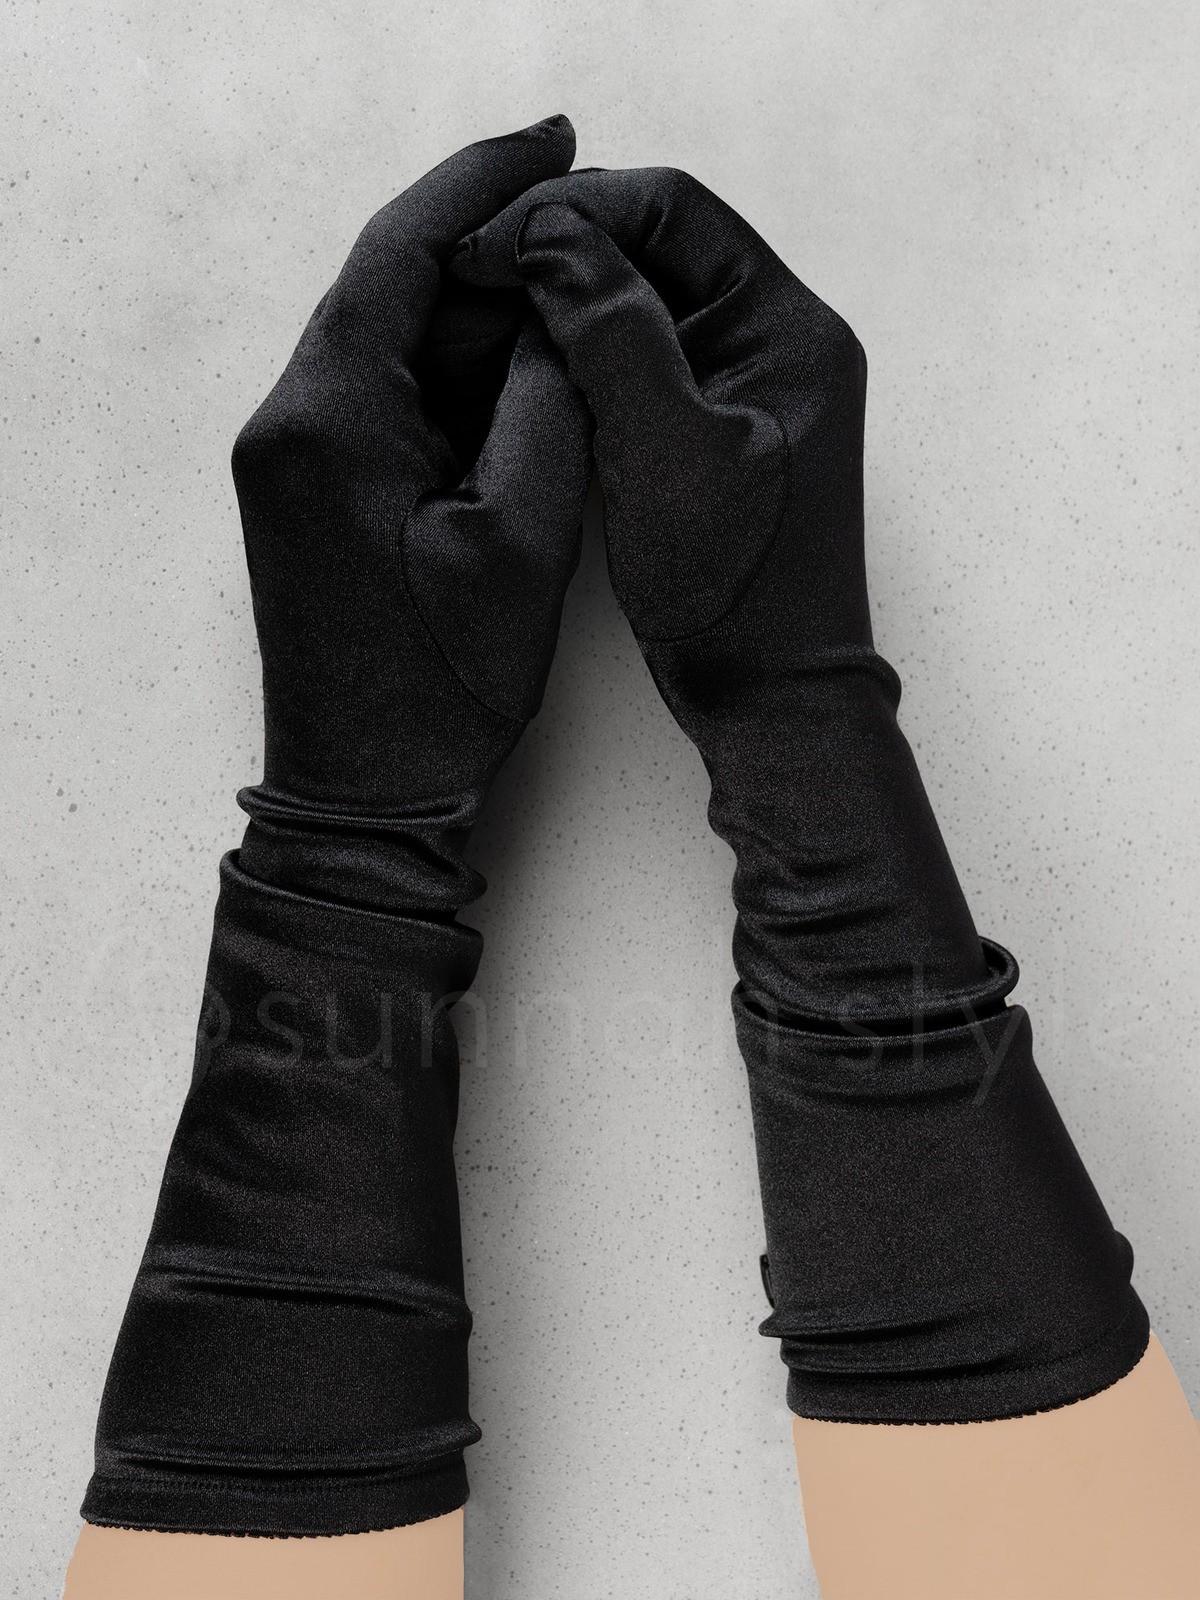 Sunnah Style - Lush Satin Gloves - Forearm Length